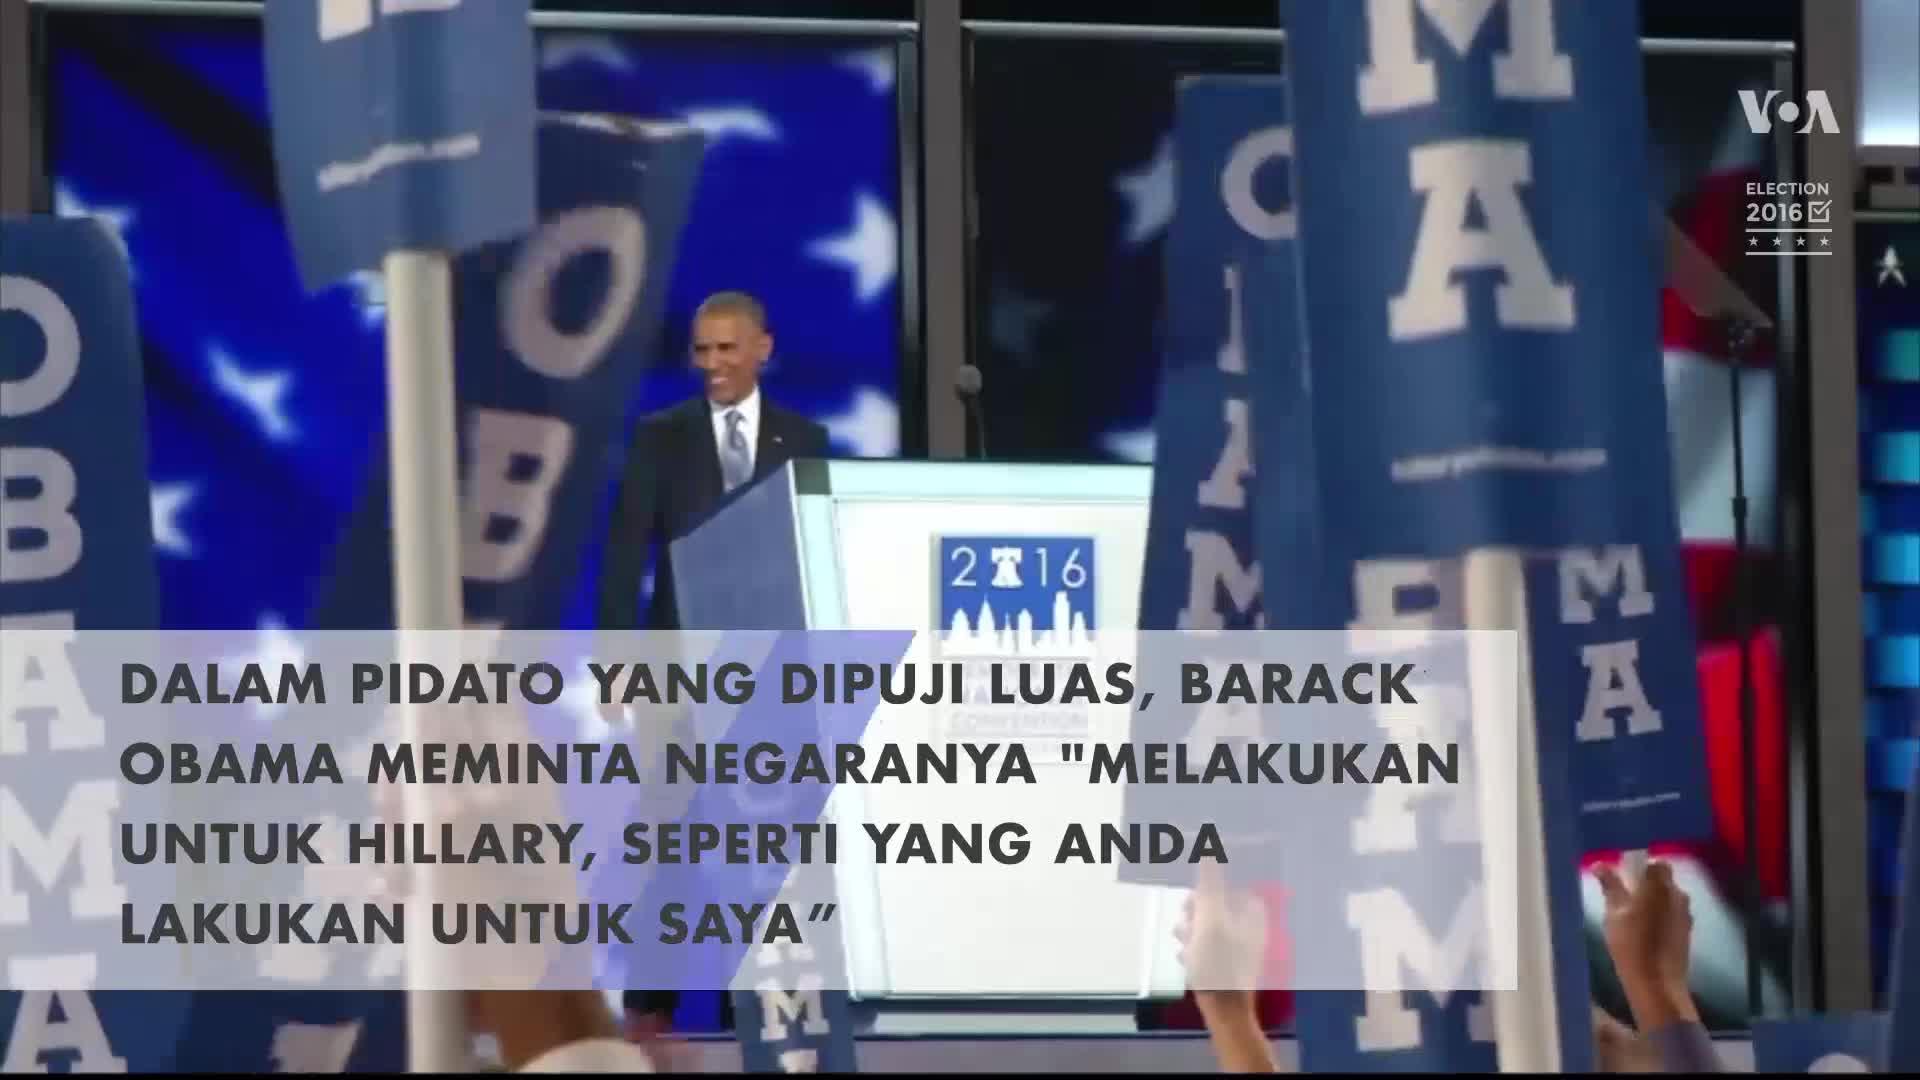 Obama: Junjung Hillary Seperti Anda Junjung Saya